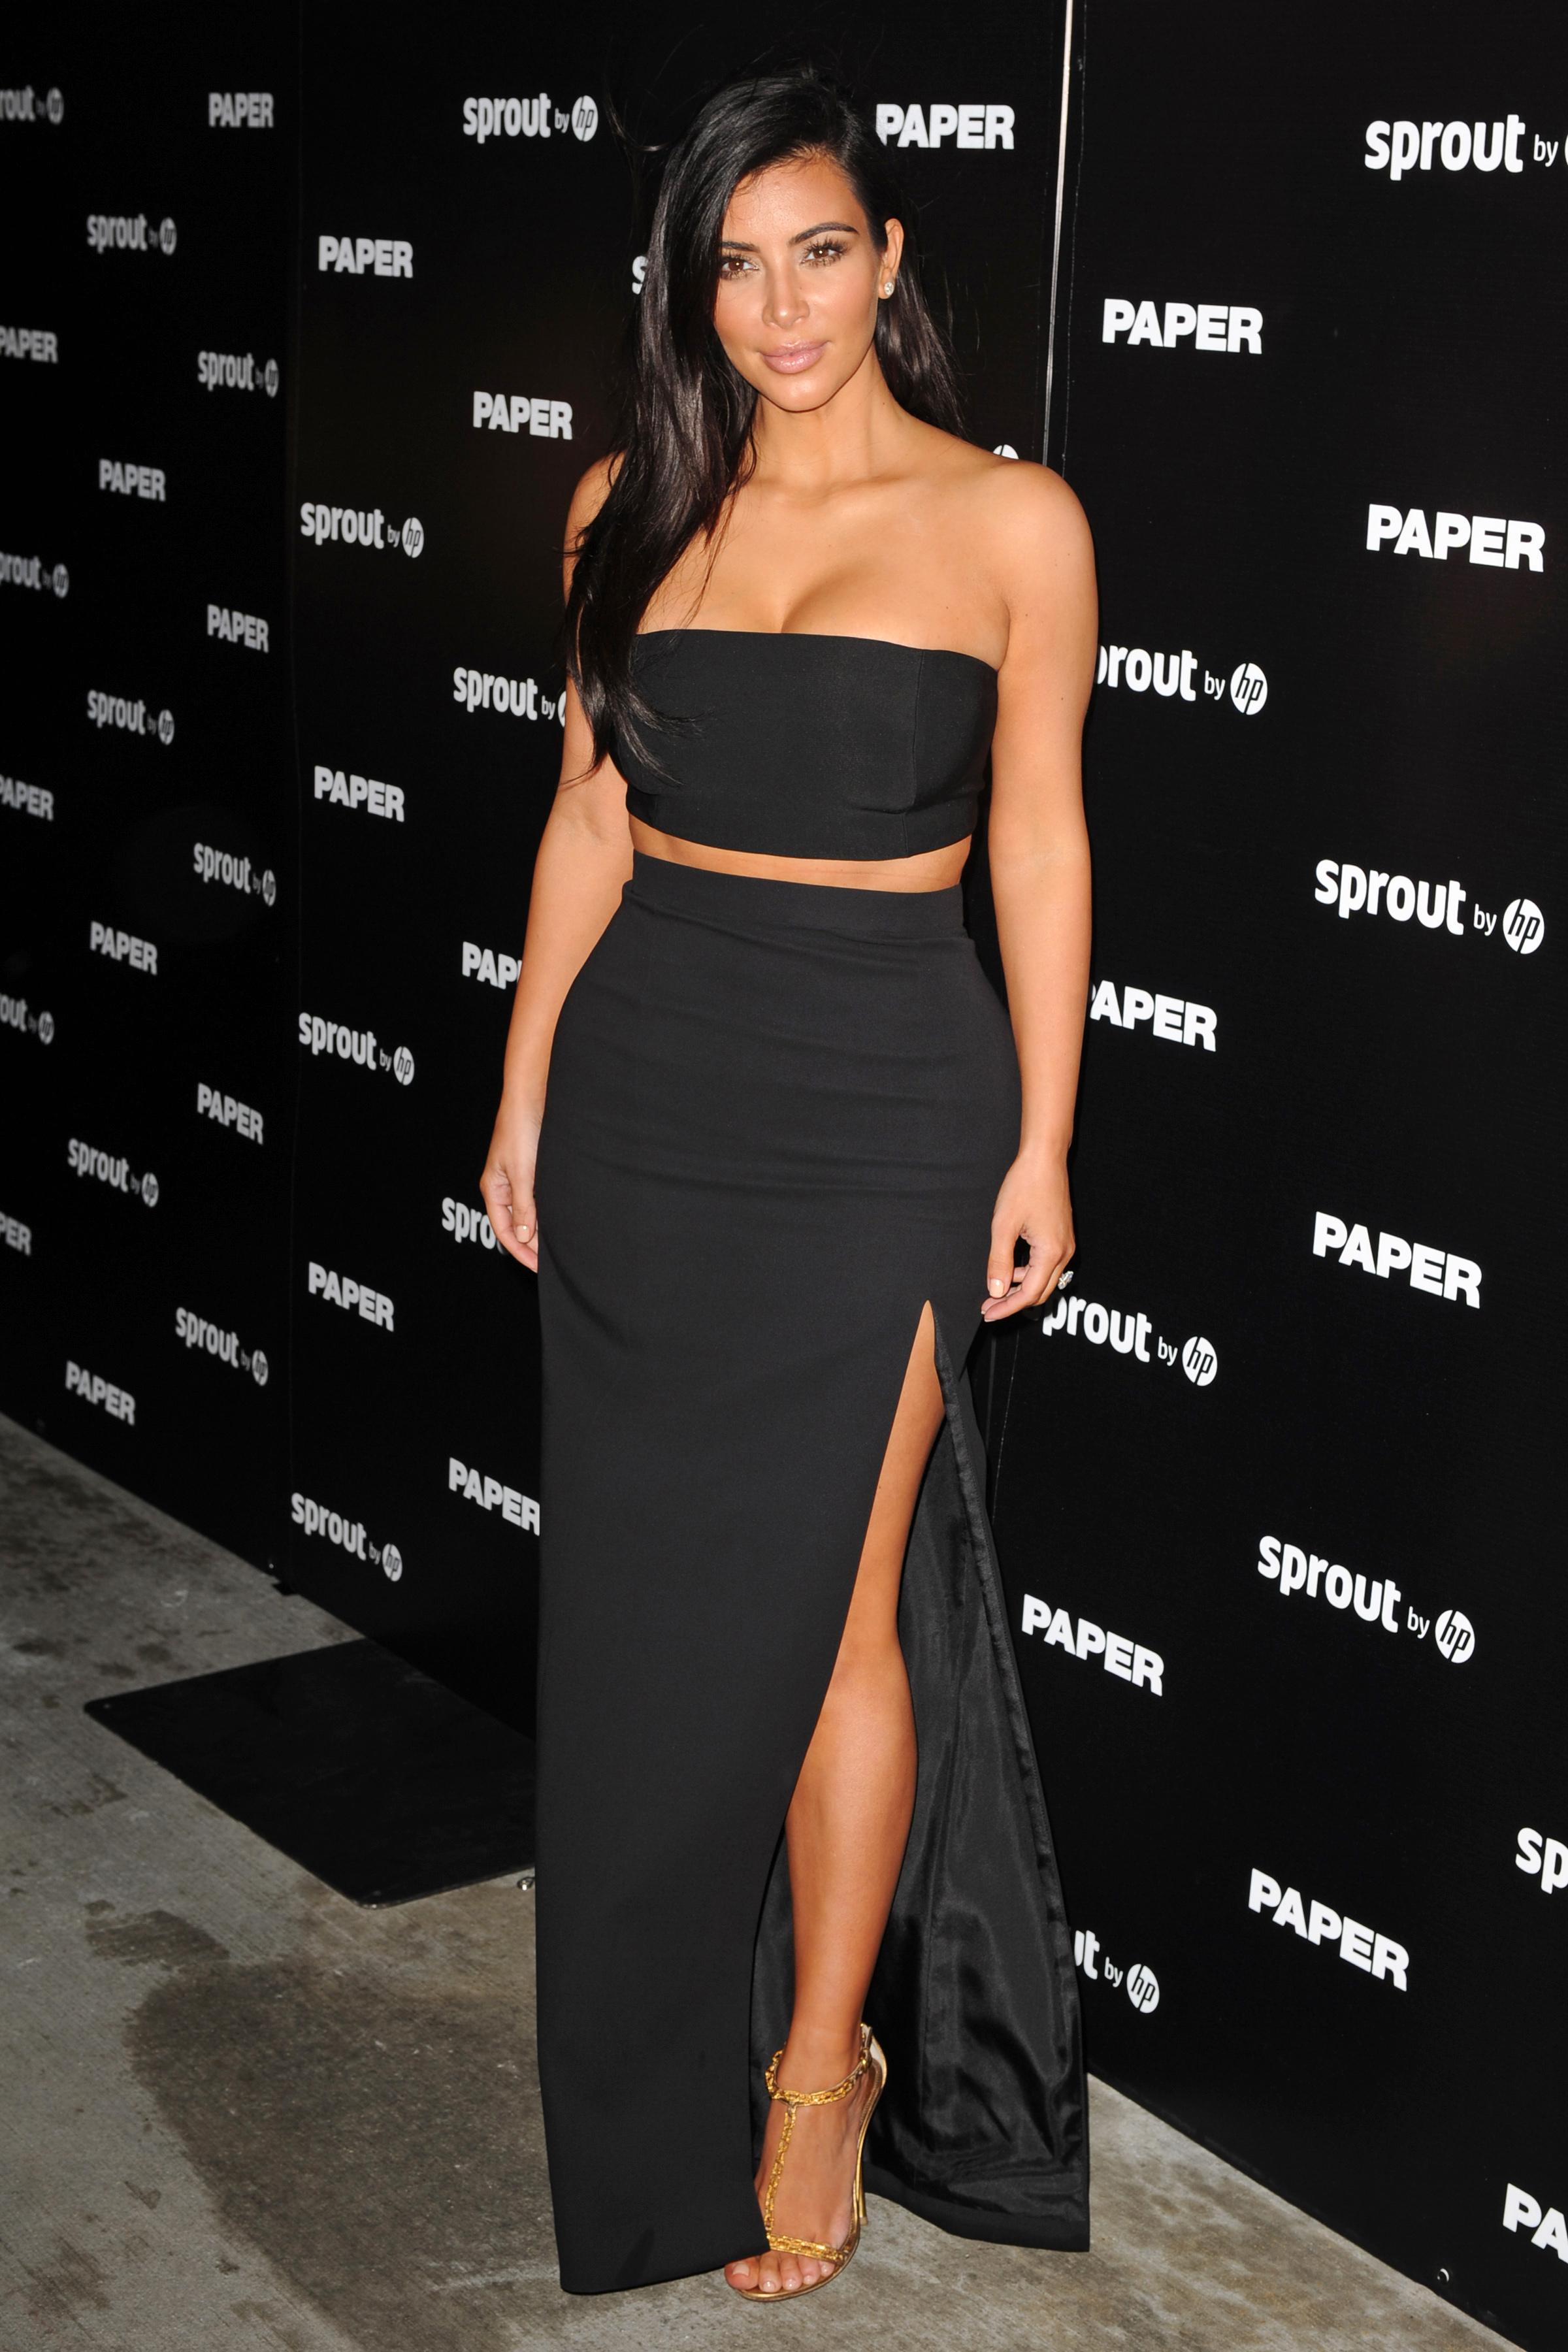 kim kardashian paper